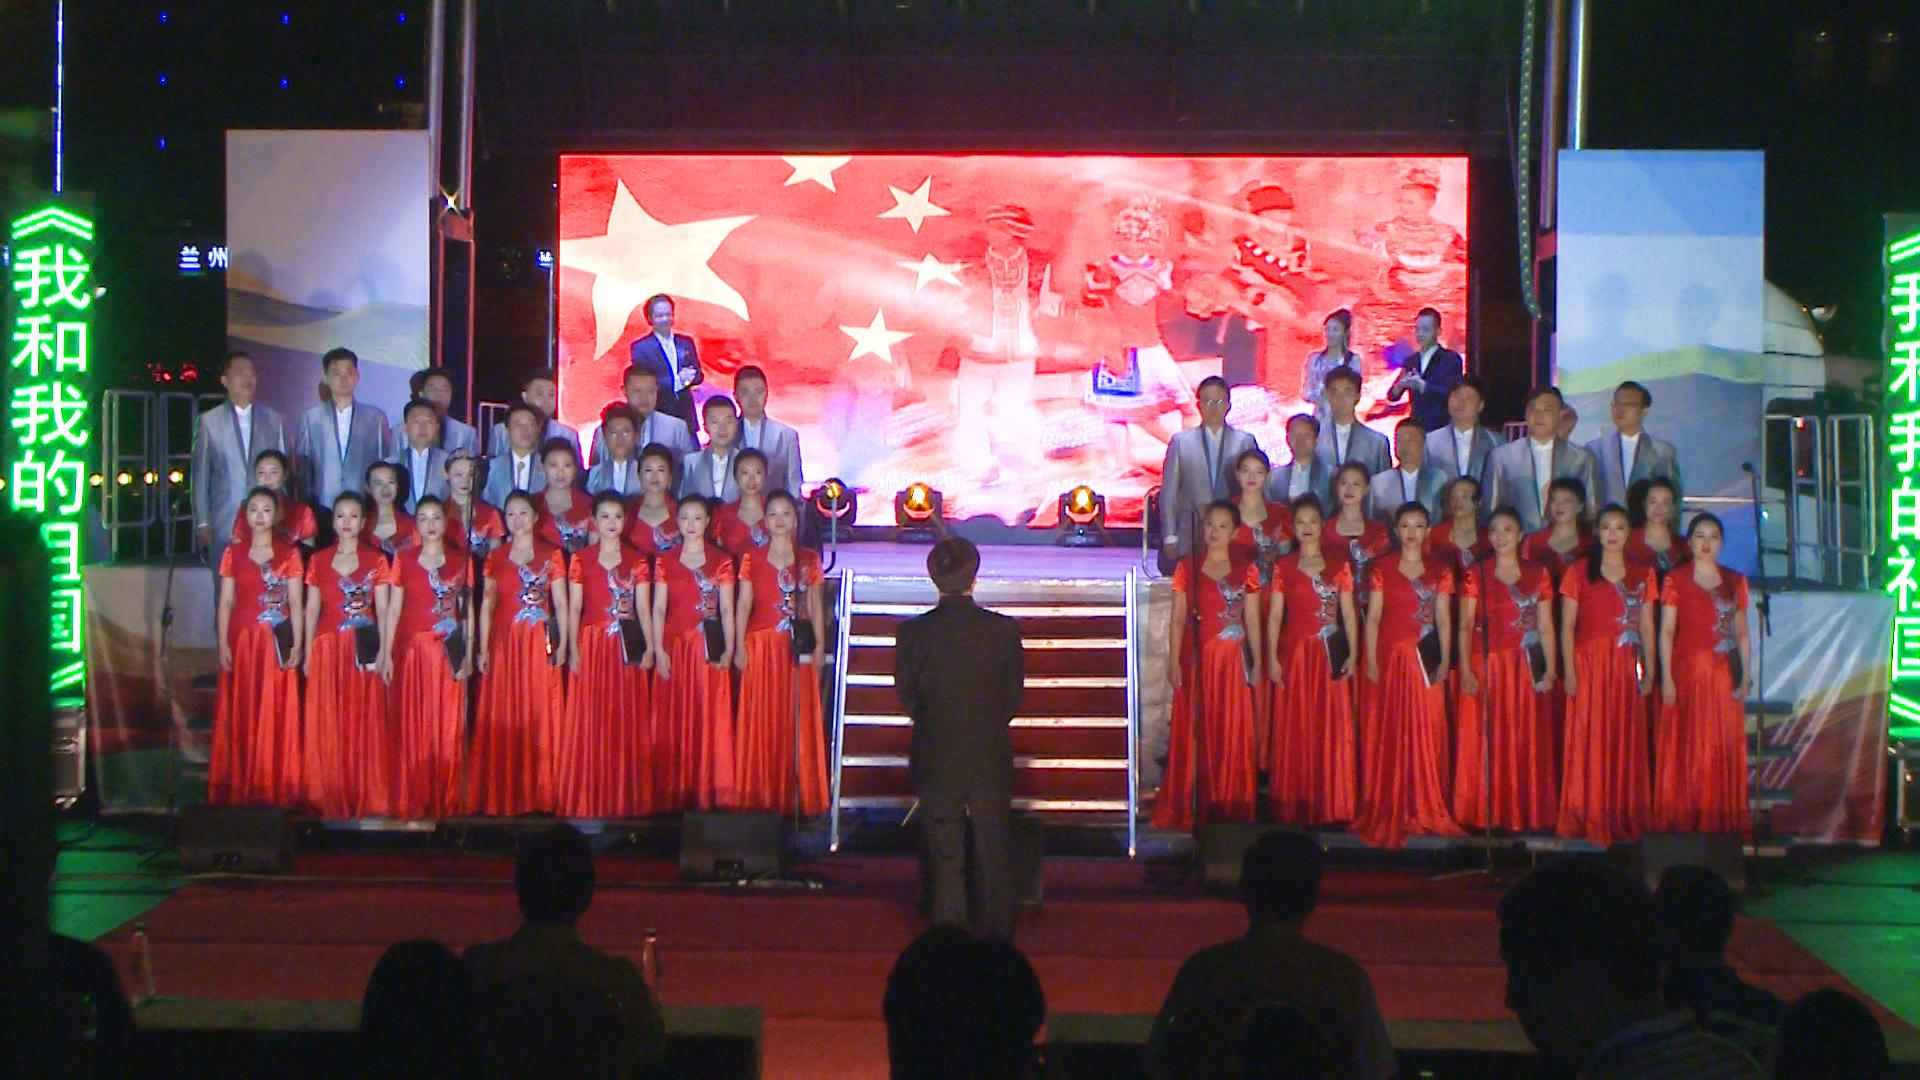 大合唱《我和我的祖国》唱出不一样的情怀